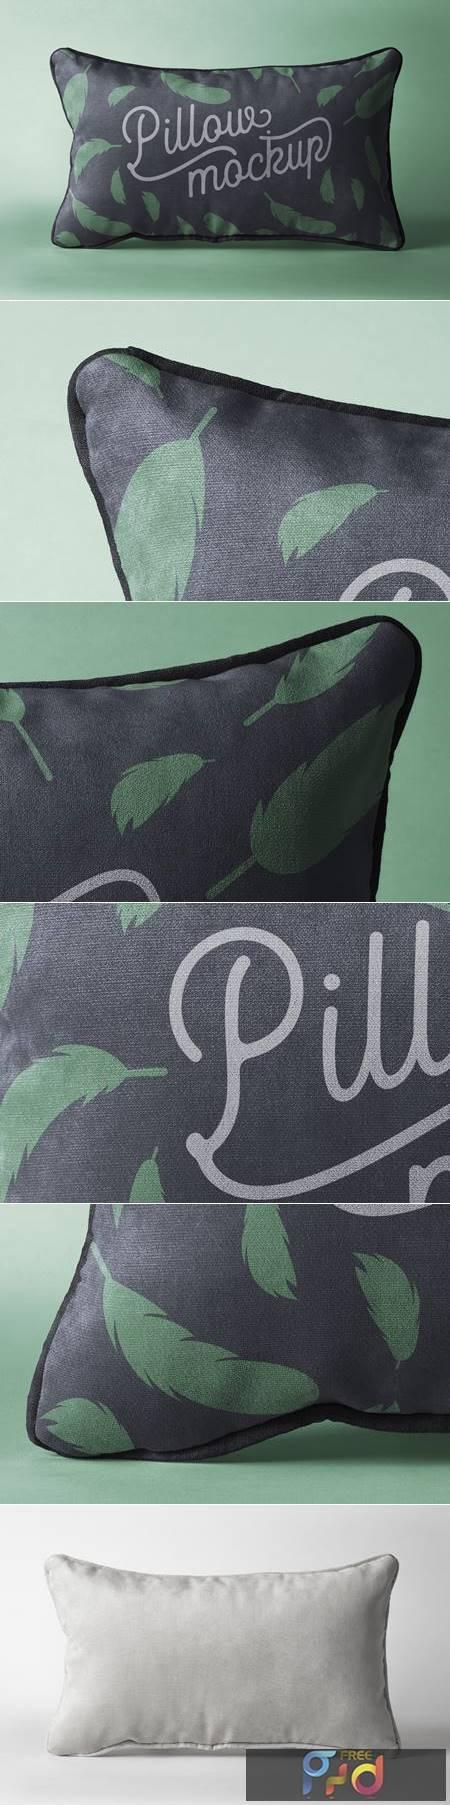 Rectangular Psd Pillow Mockup 1338 1